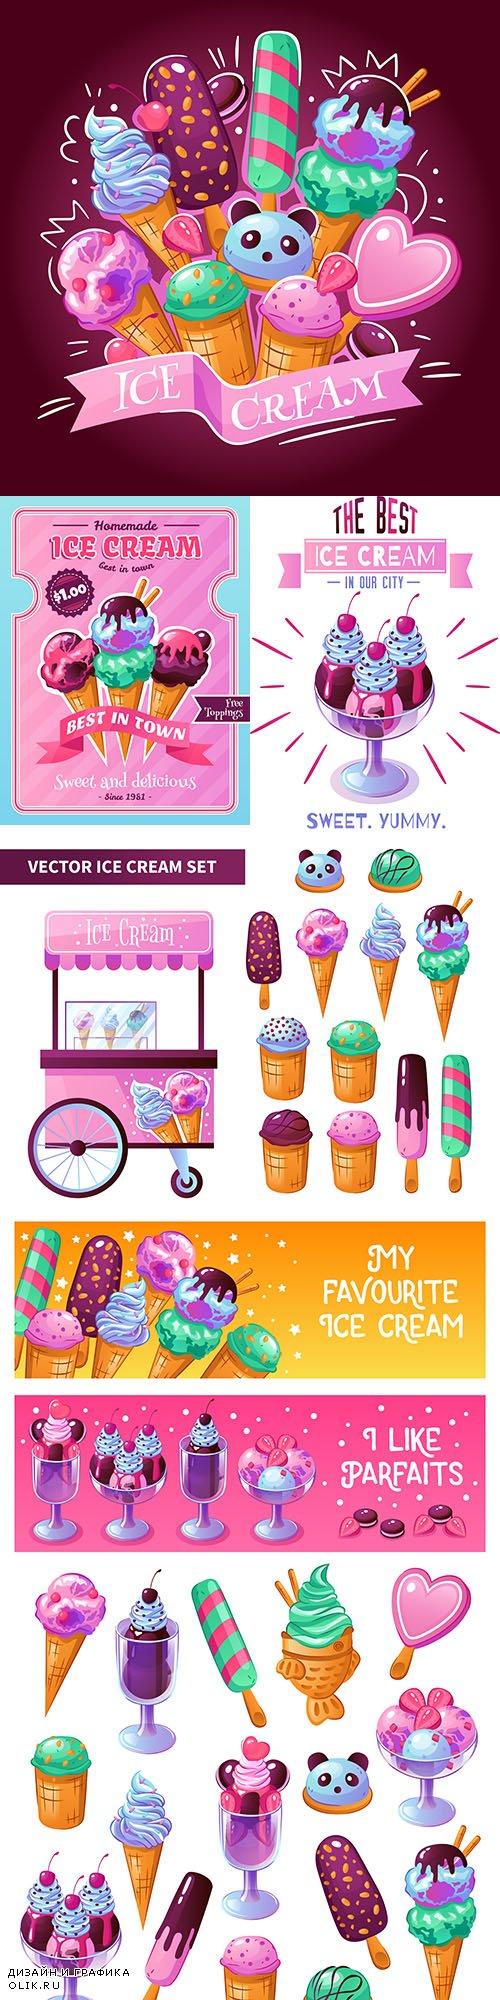 Ice cream delicious dessert decorative design emblem